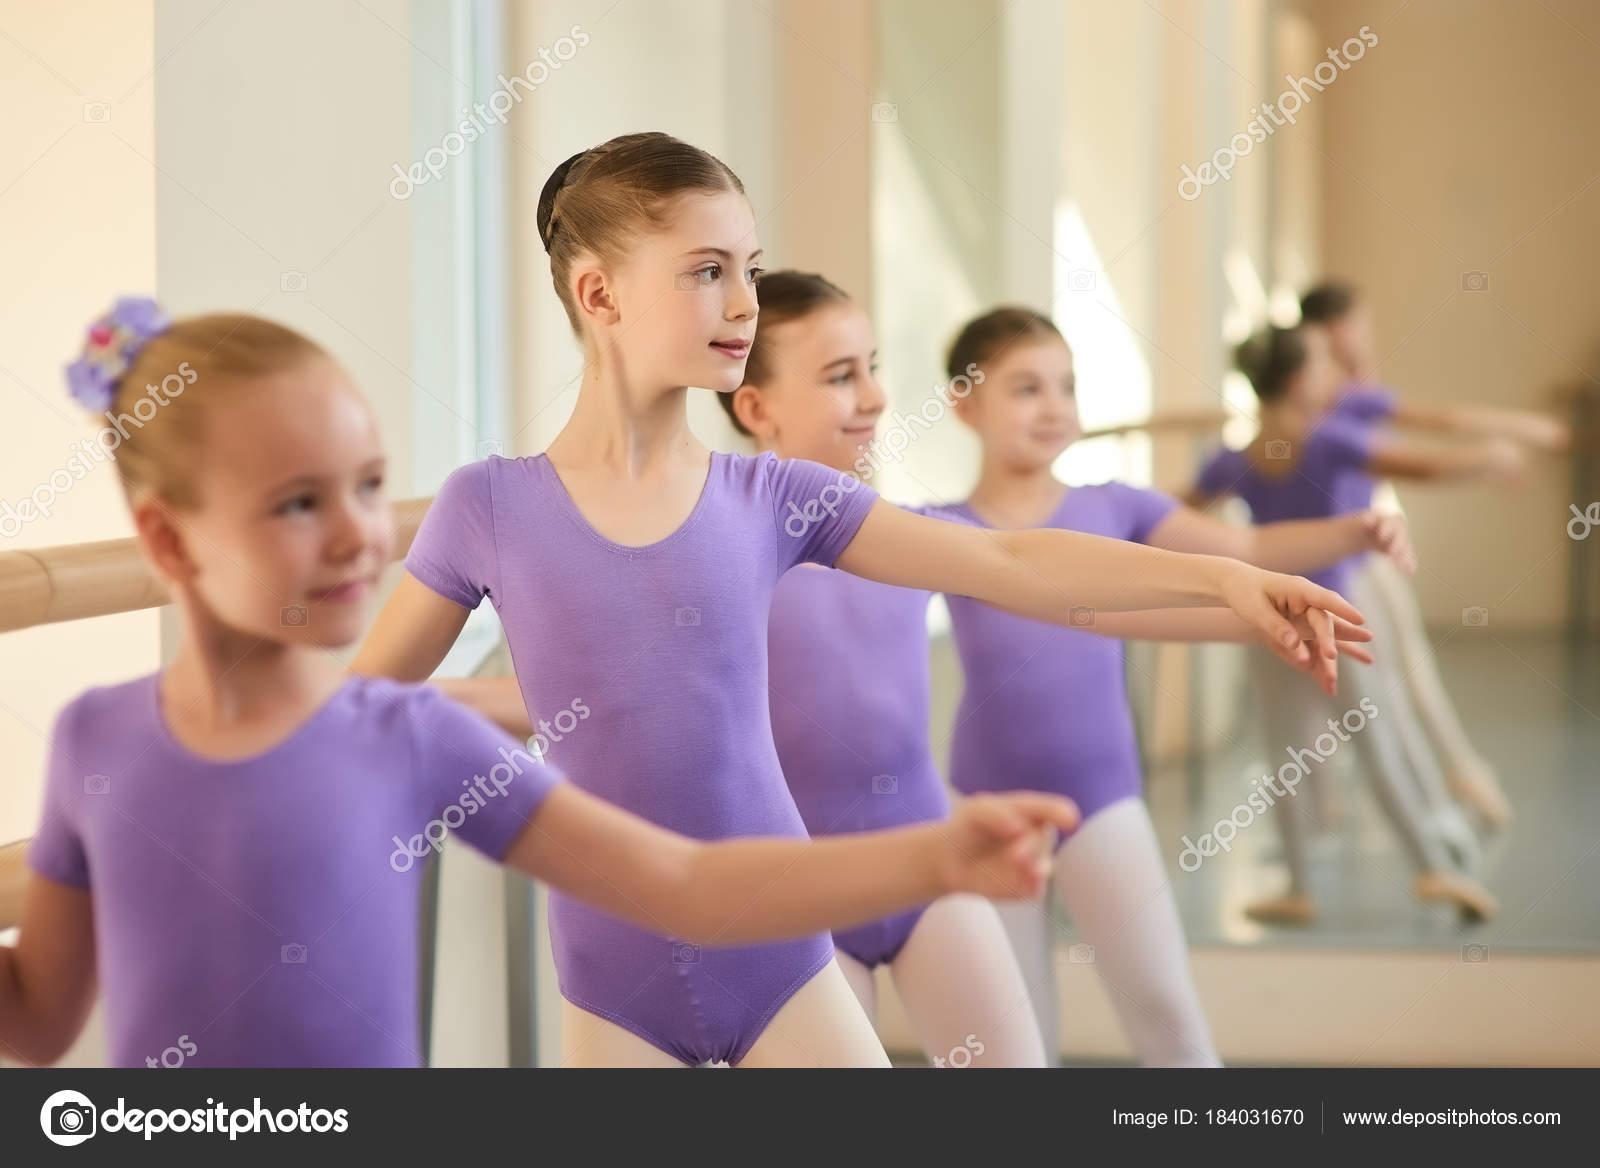 Niños en clase de baile de Ballet — Foto de stock © Denisfilm #184031670